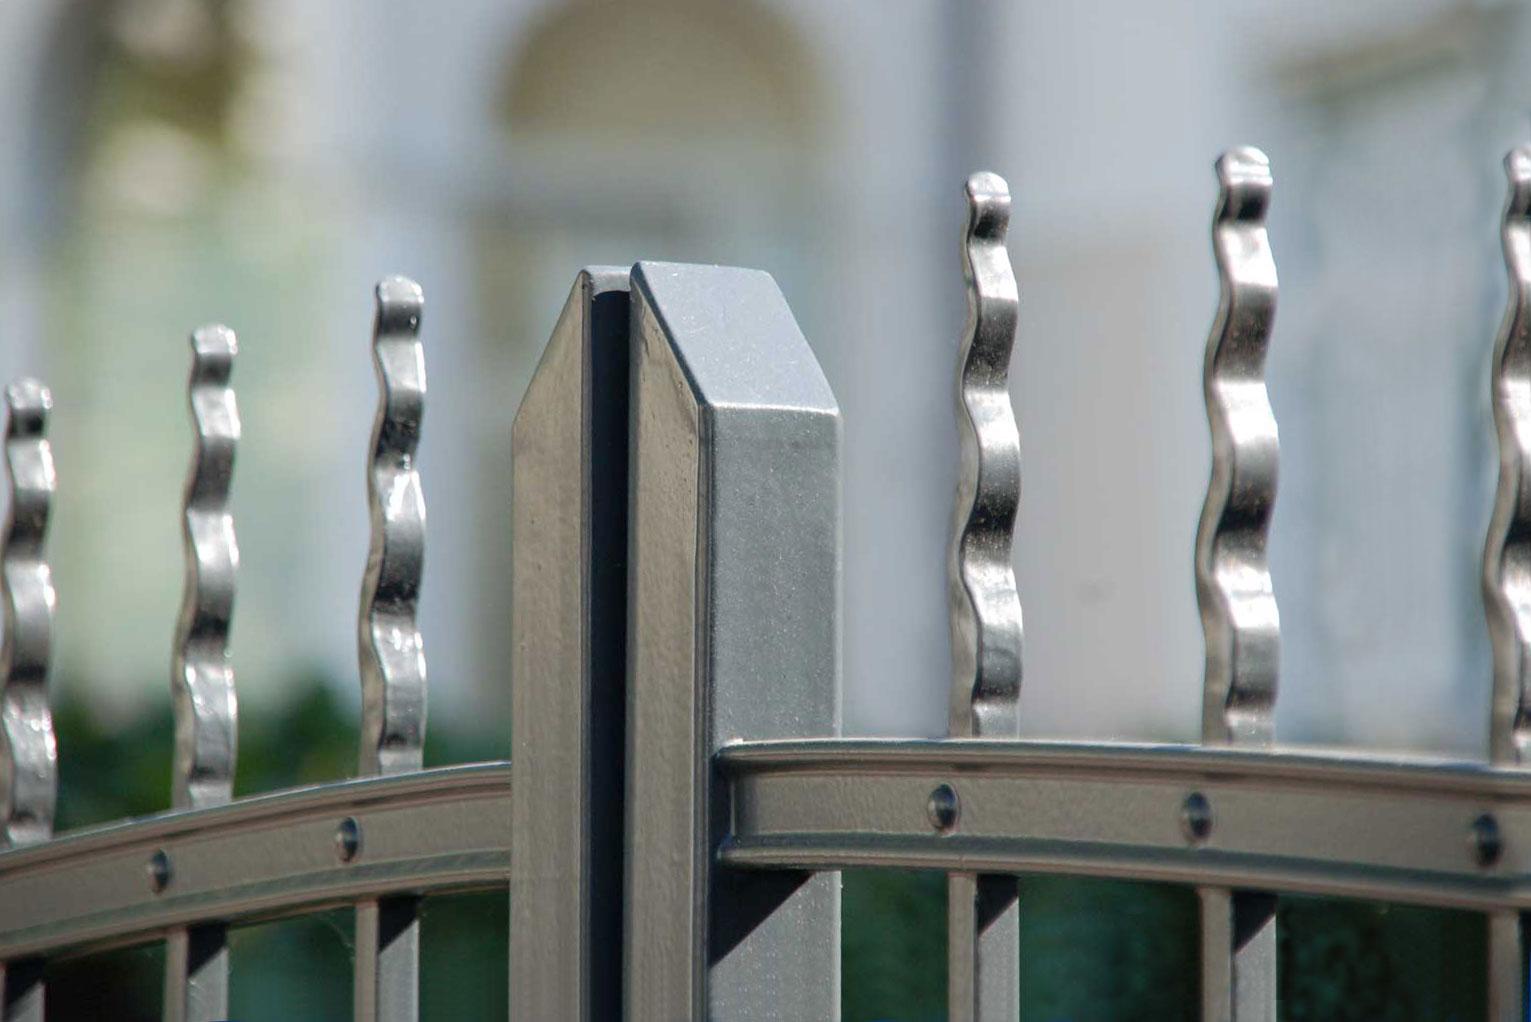 Schlosserei P&H Petersen & Henne GmbH